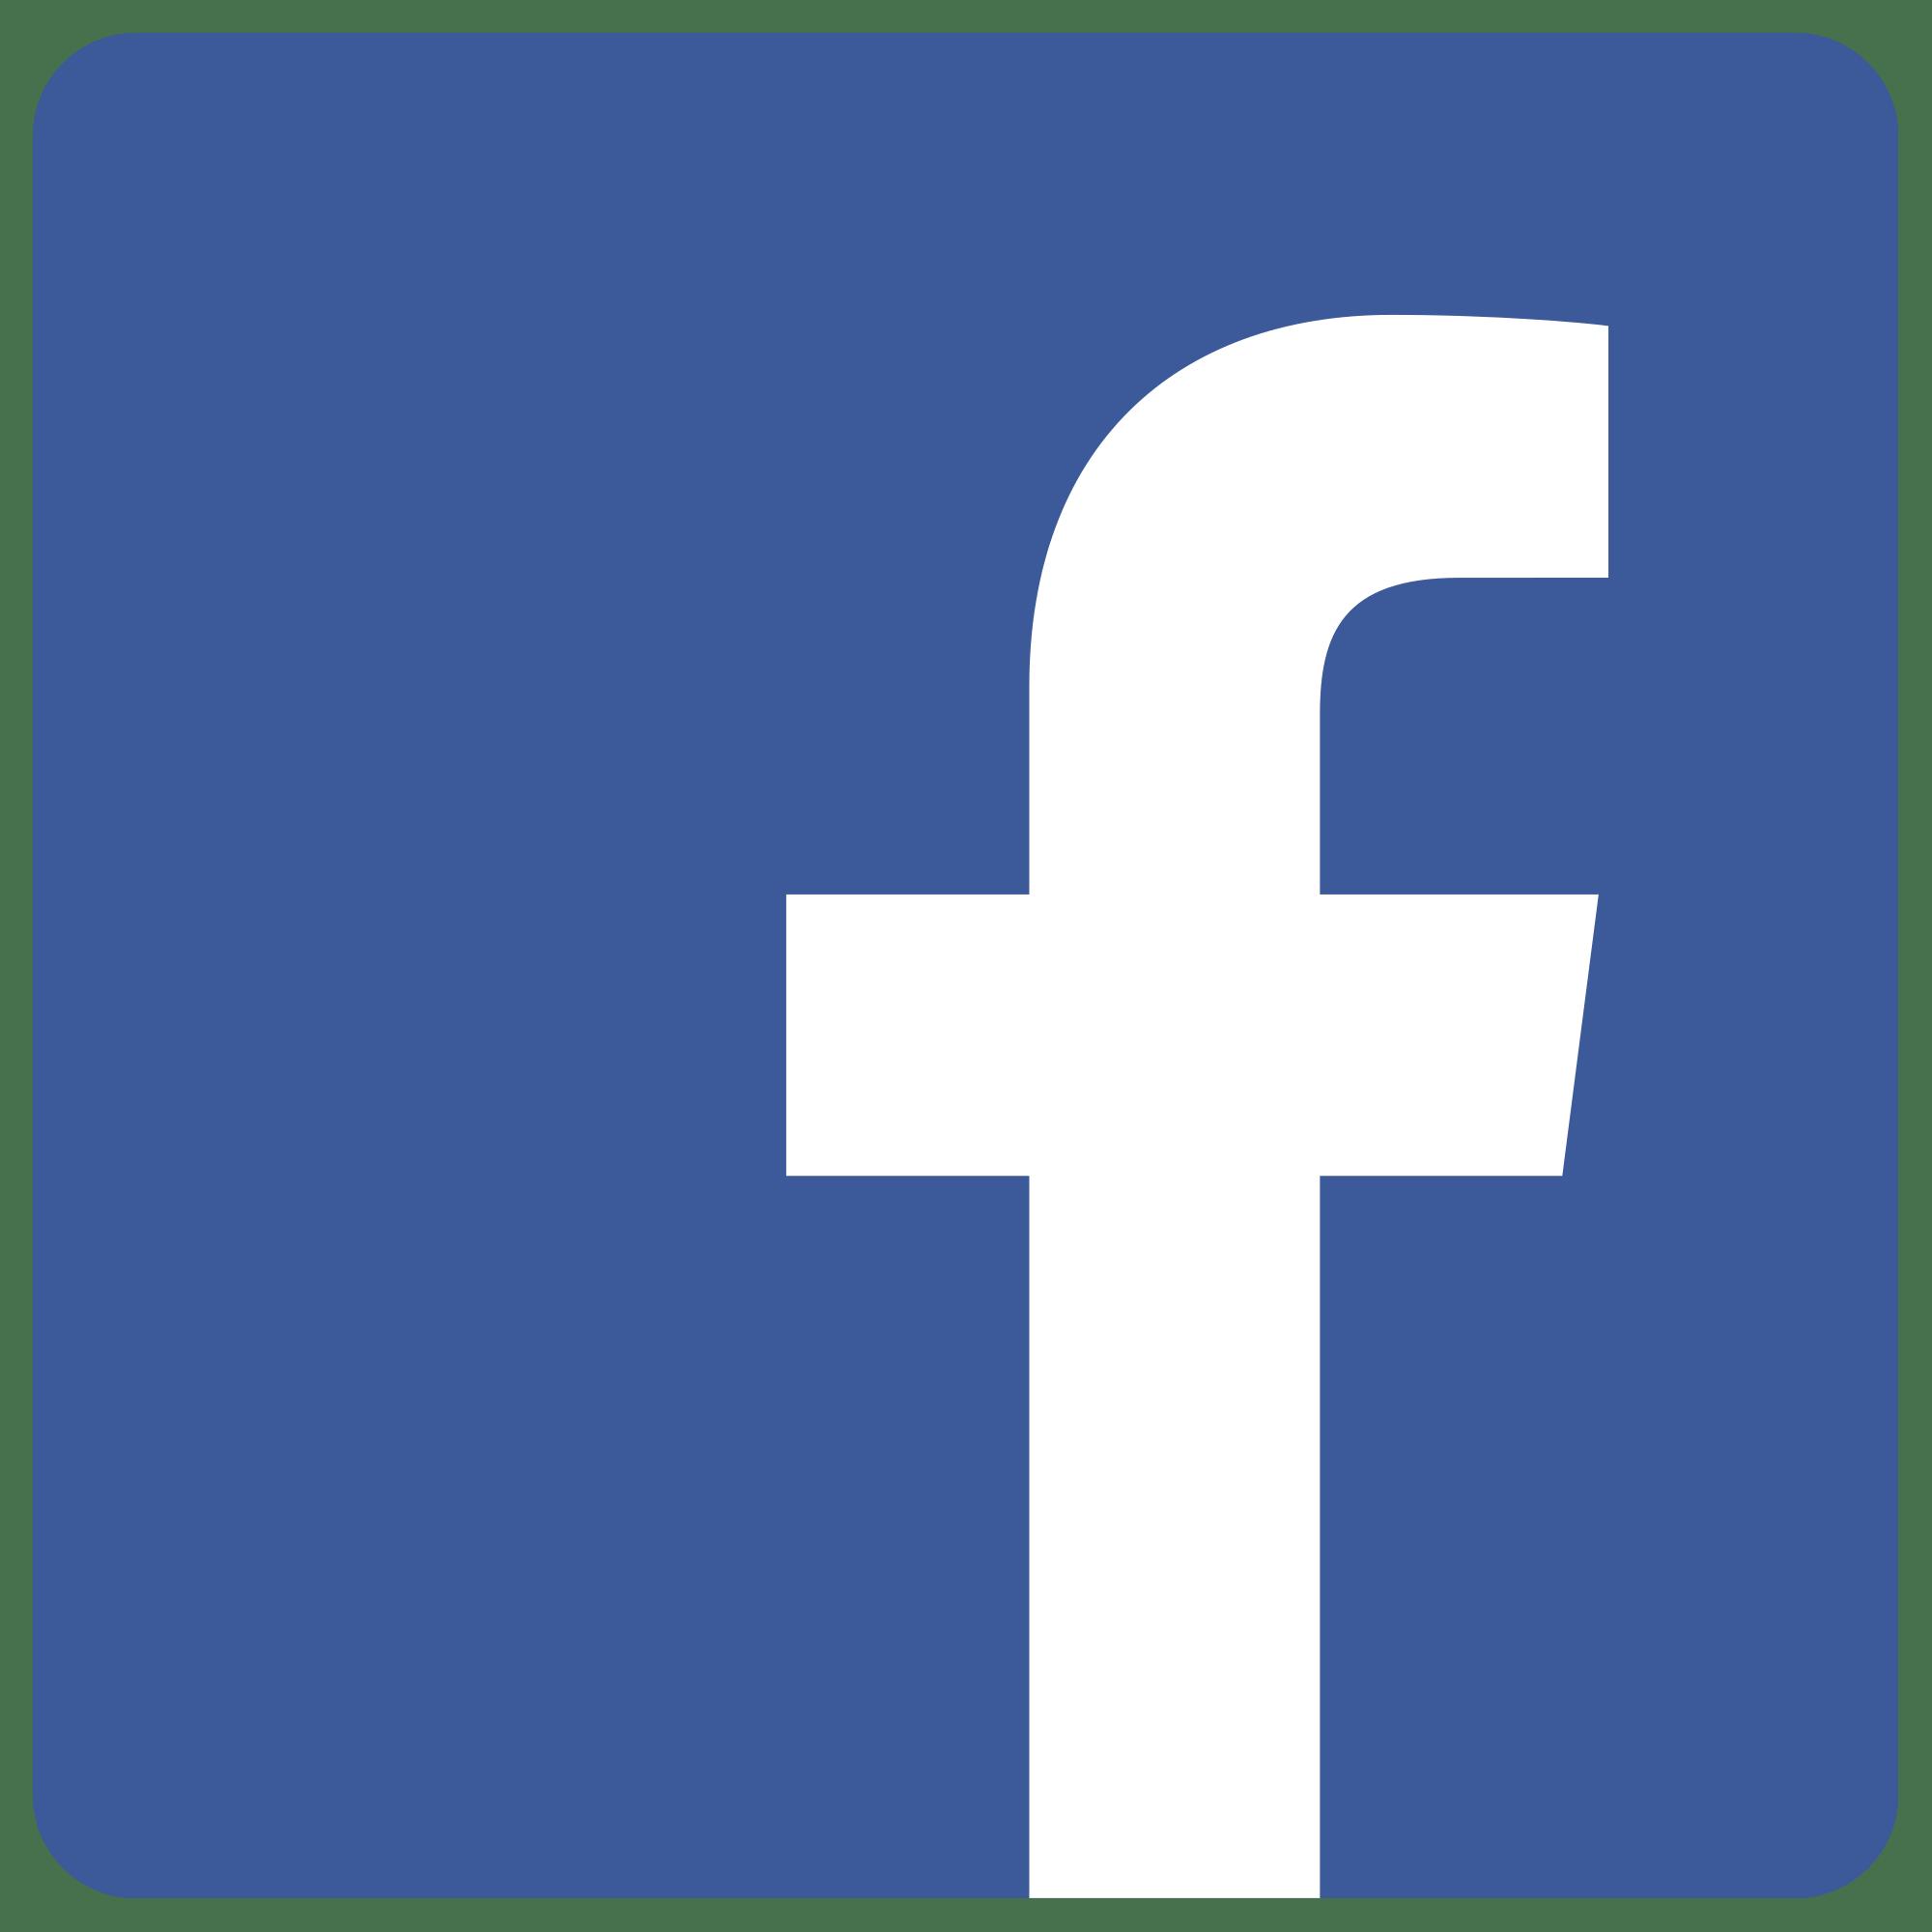 hight resolution of facebook instagram